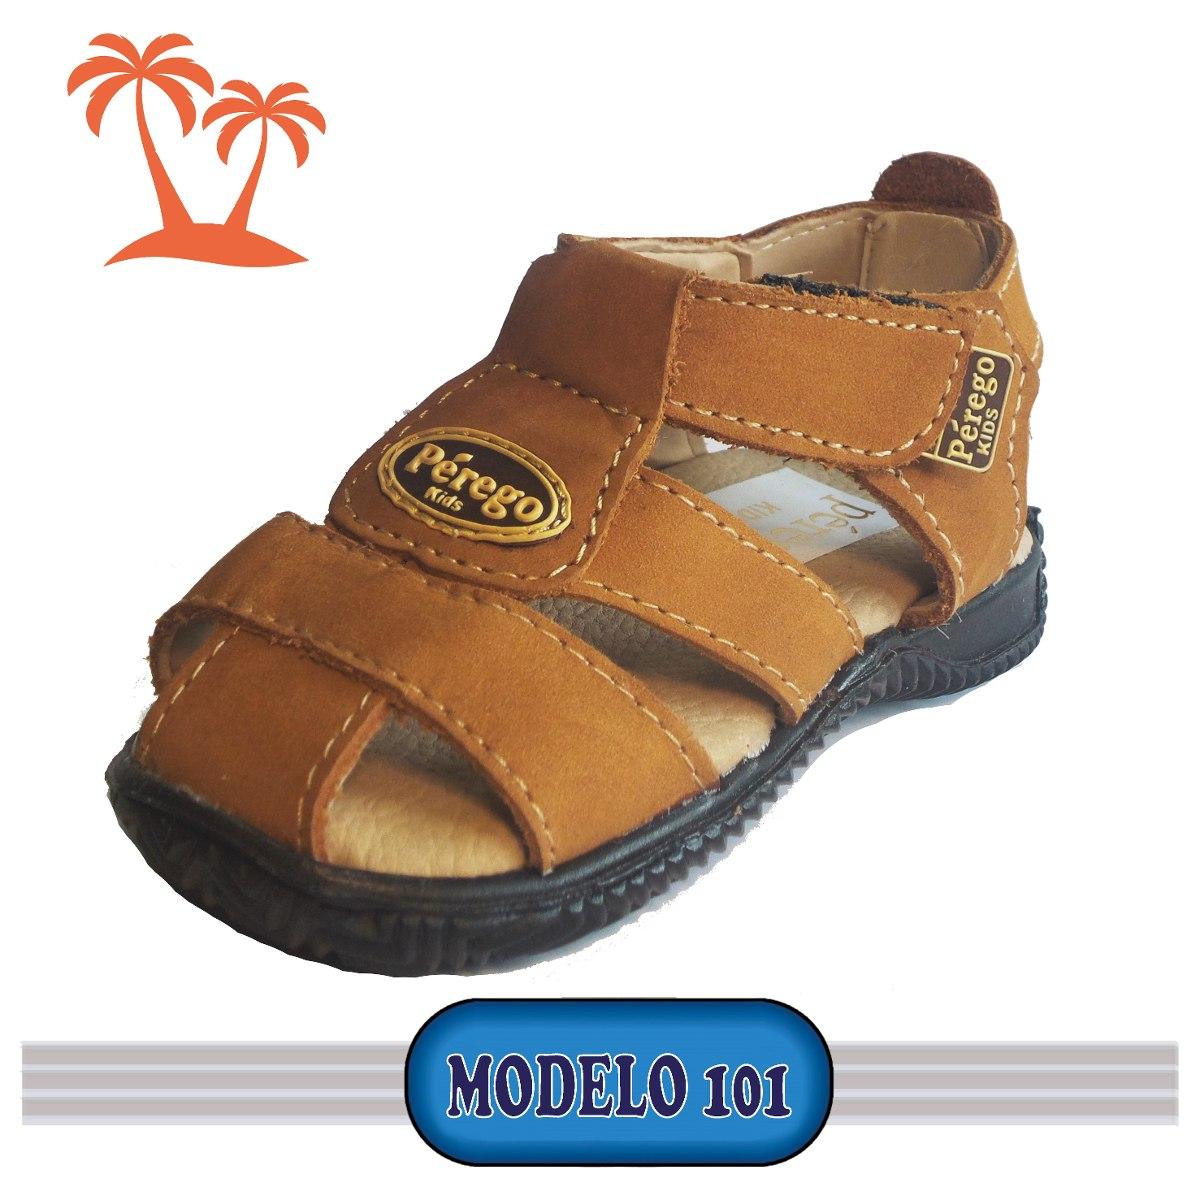 Cholas Zapatos Y Sandalias Niñas Calidad Niños Jfk1lc 100cuero Bs zLMUGqVpS